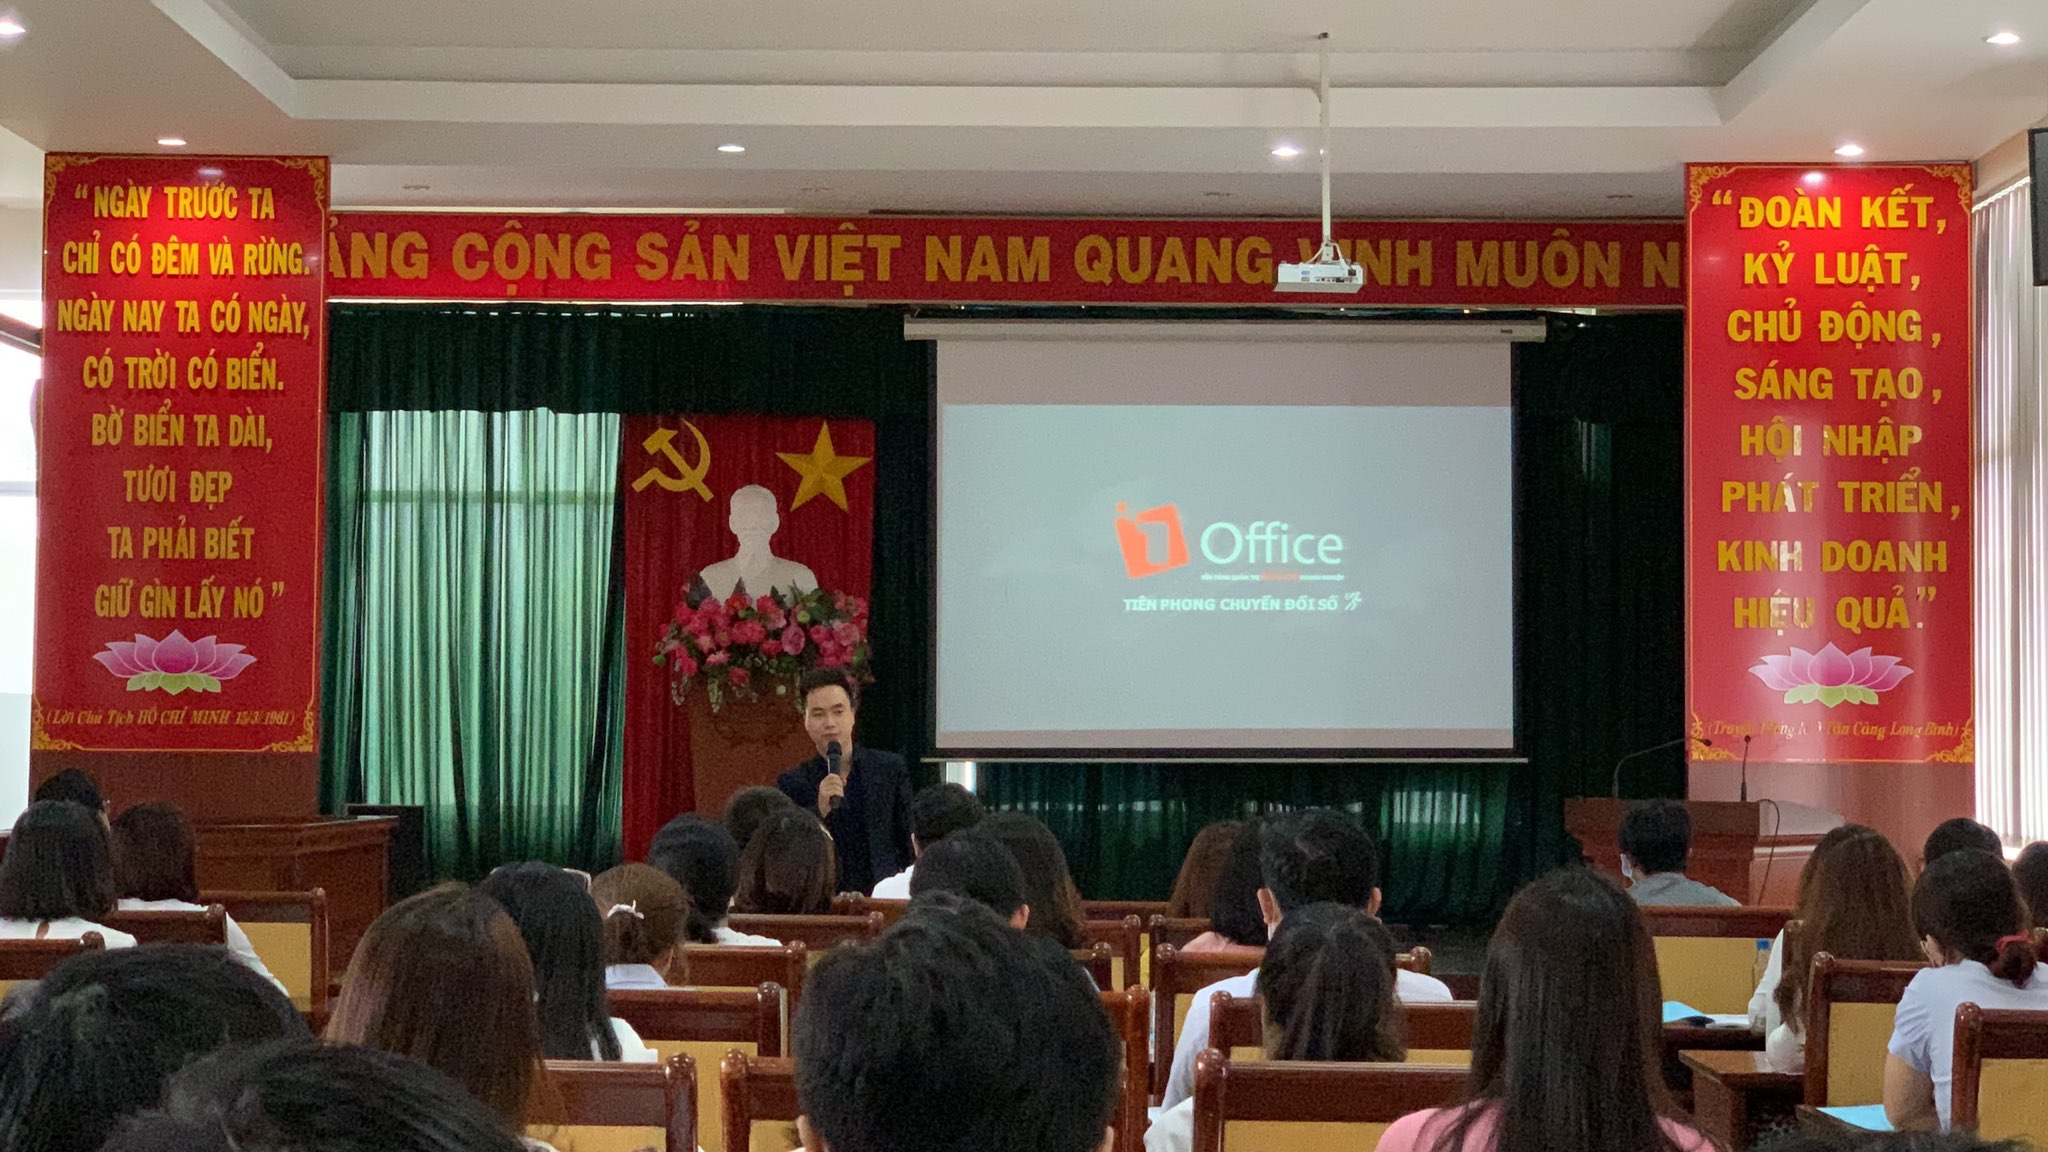 1Office tham dự Hội thảo tại Công ty Cổ phần ICD Tân cảng